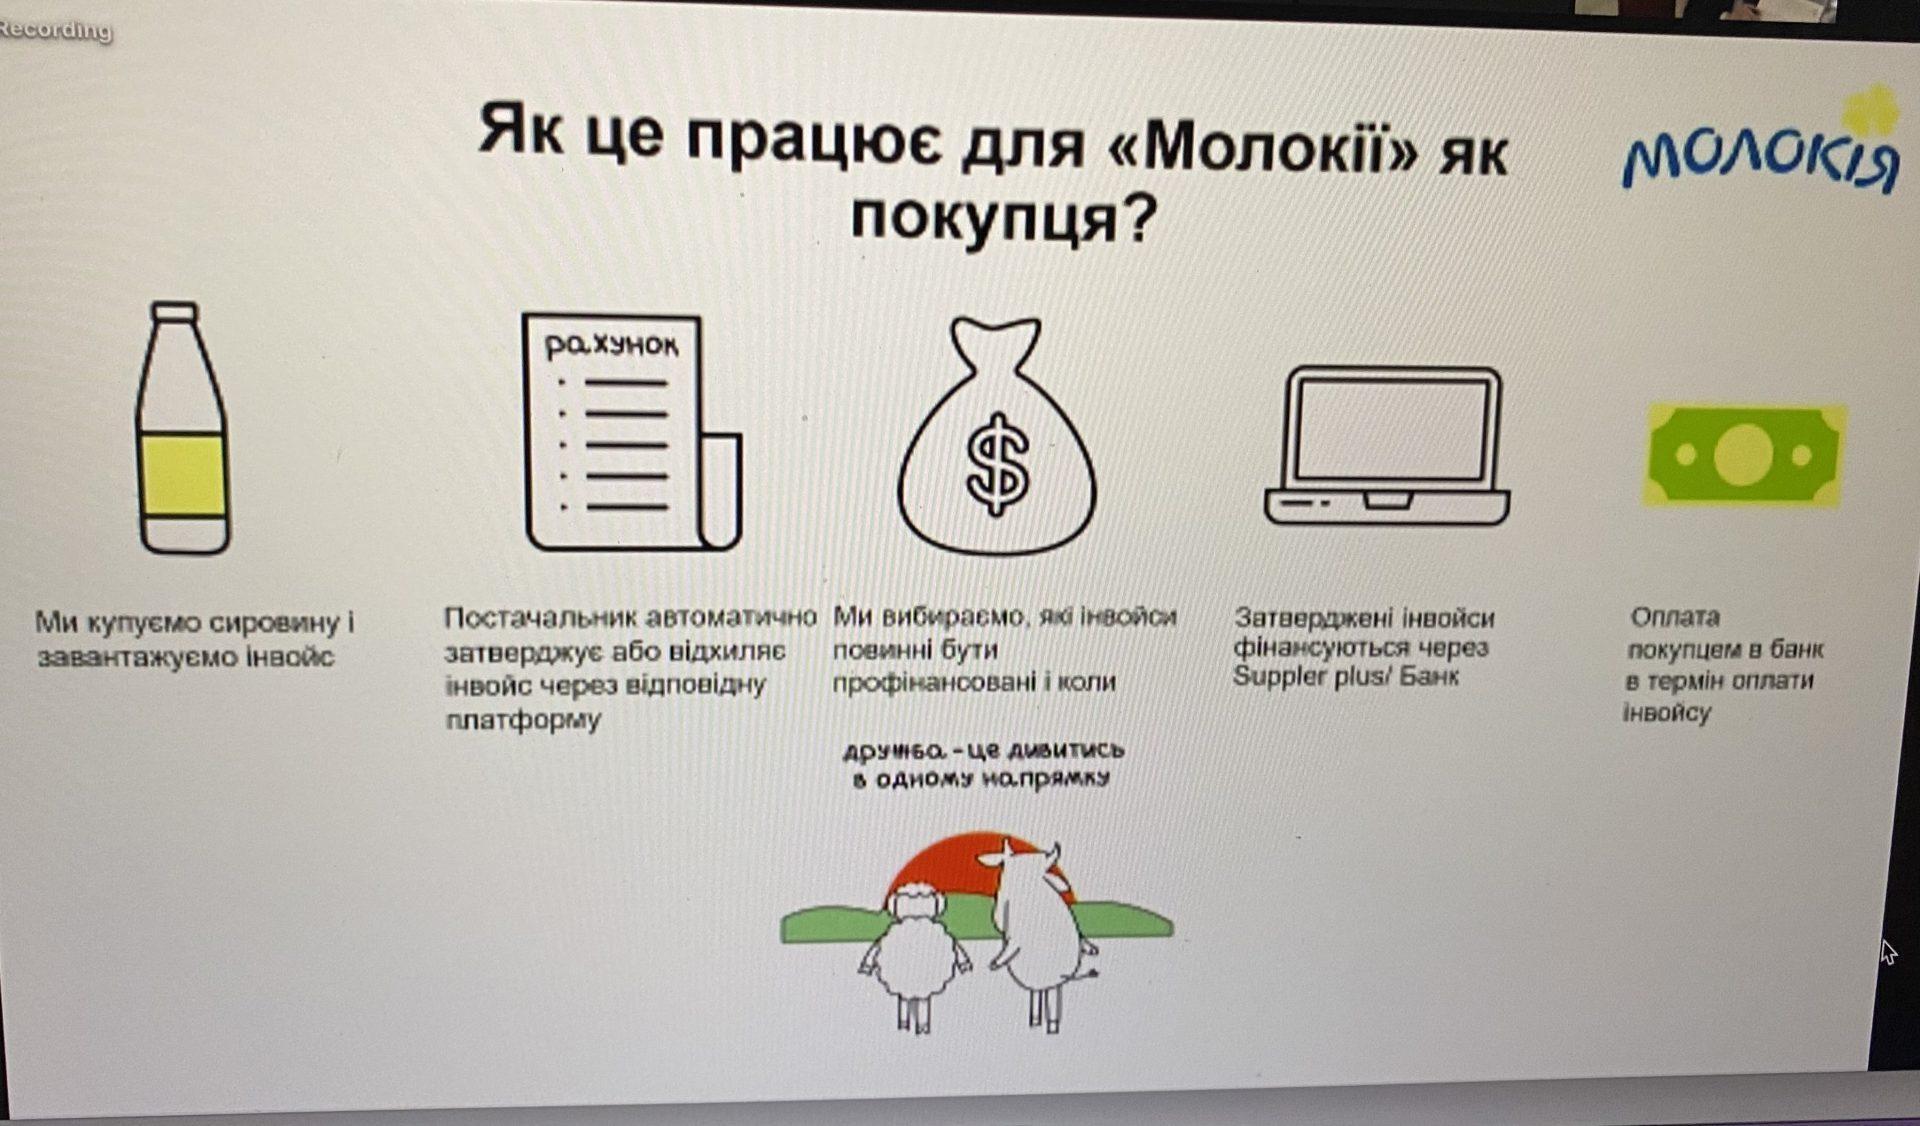 Реверсивний факторинг - фінансування дебіторської заборгованості – набирає обороти на українському ринку